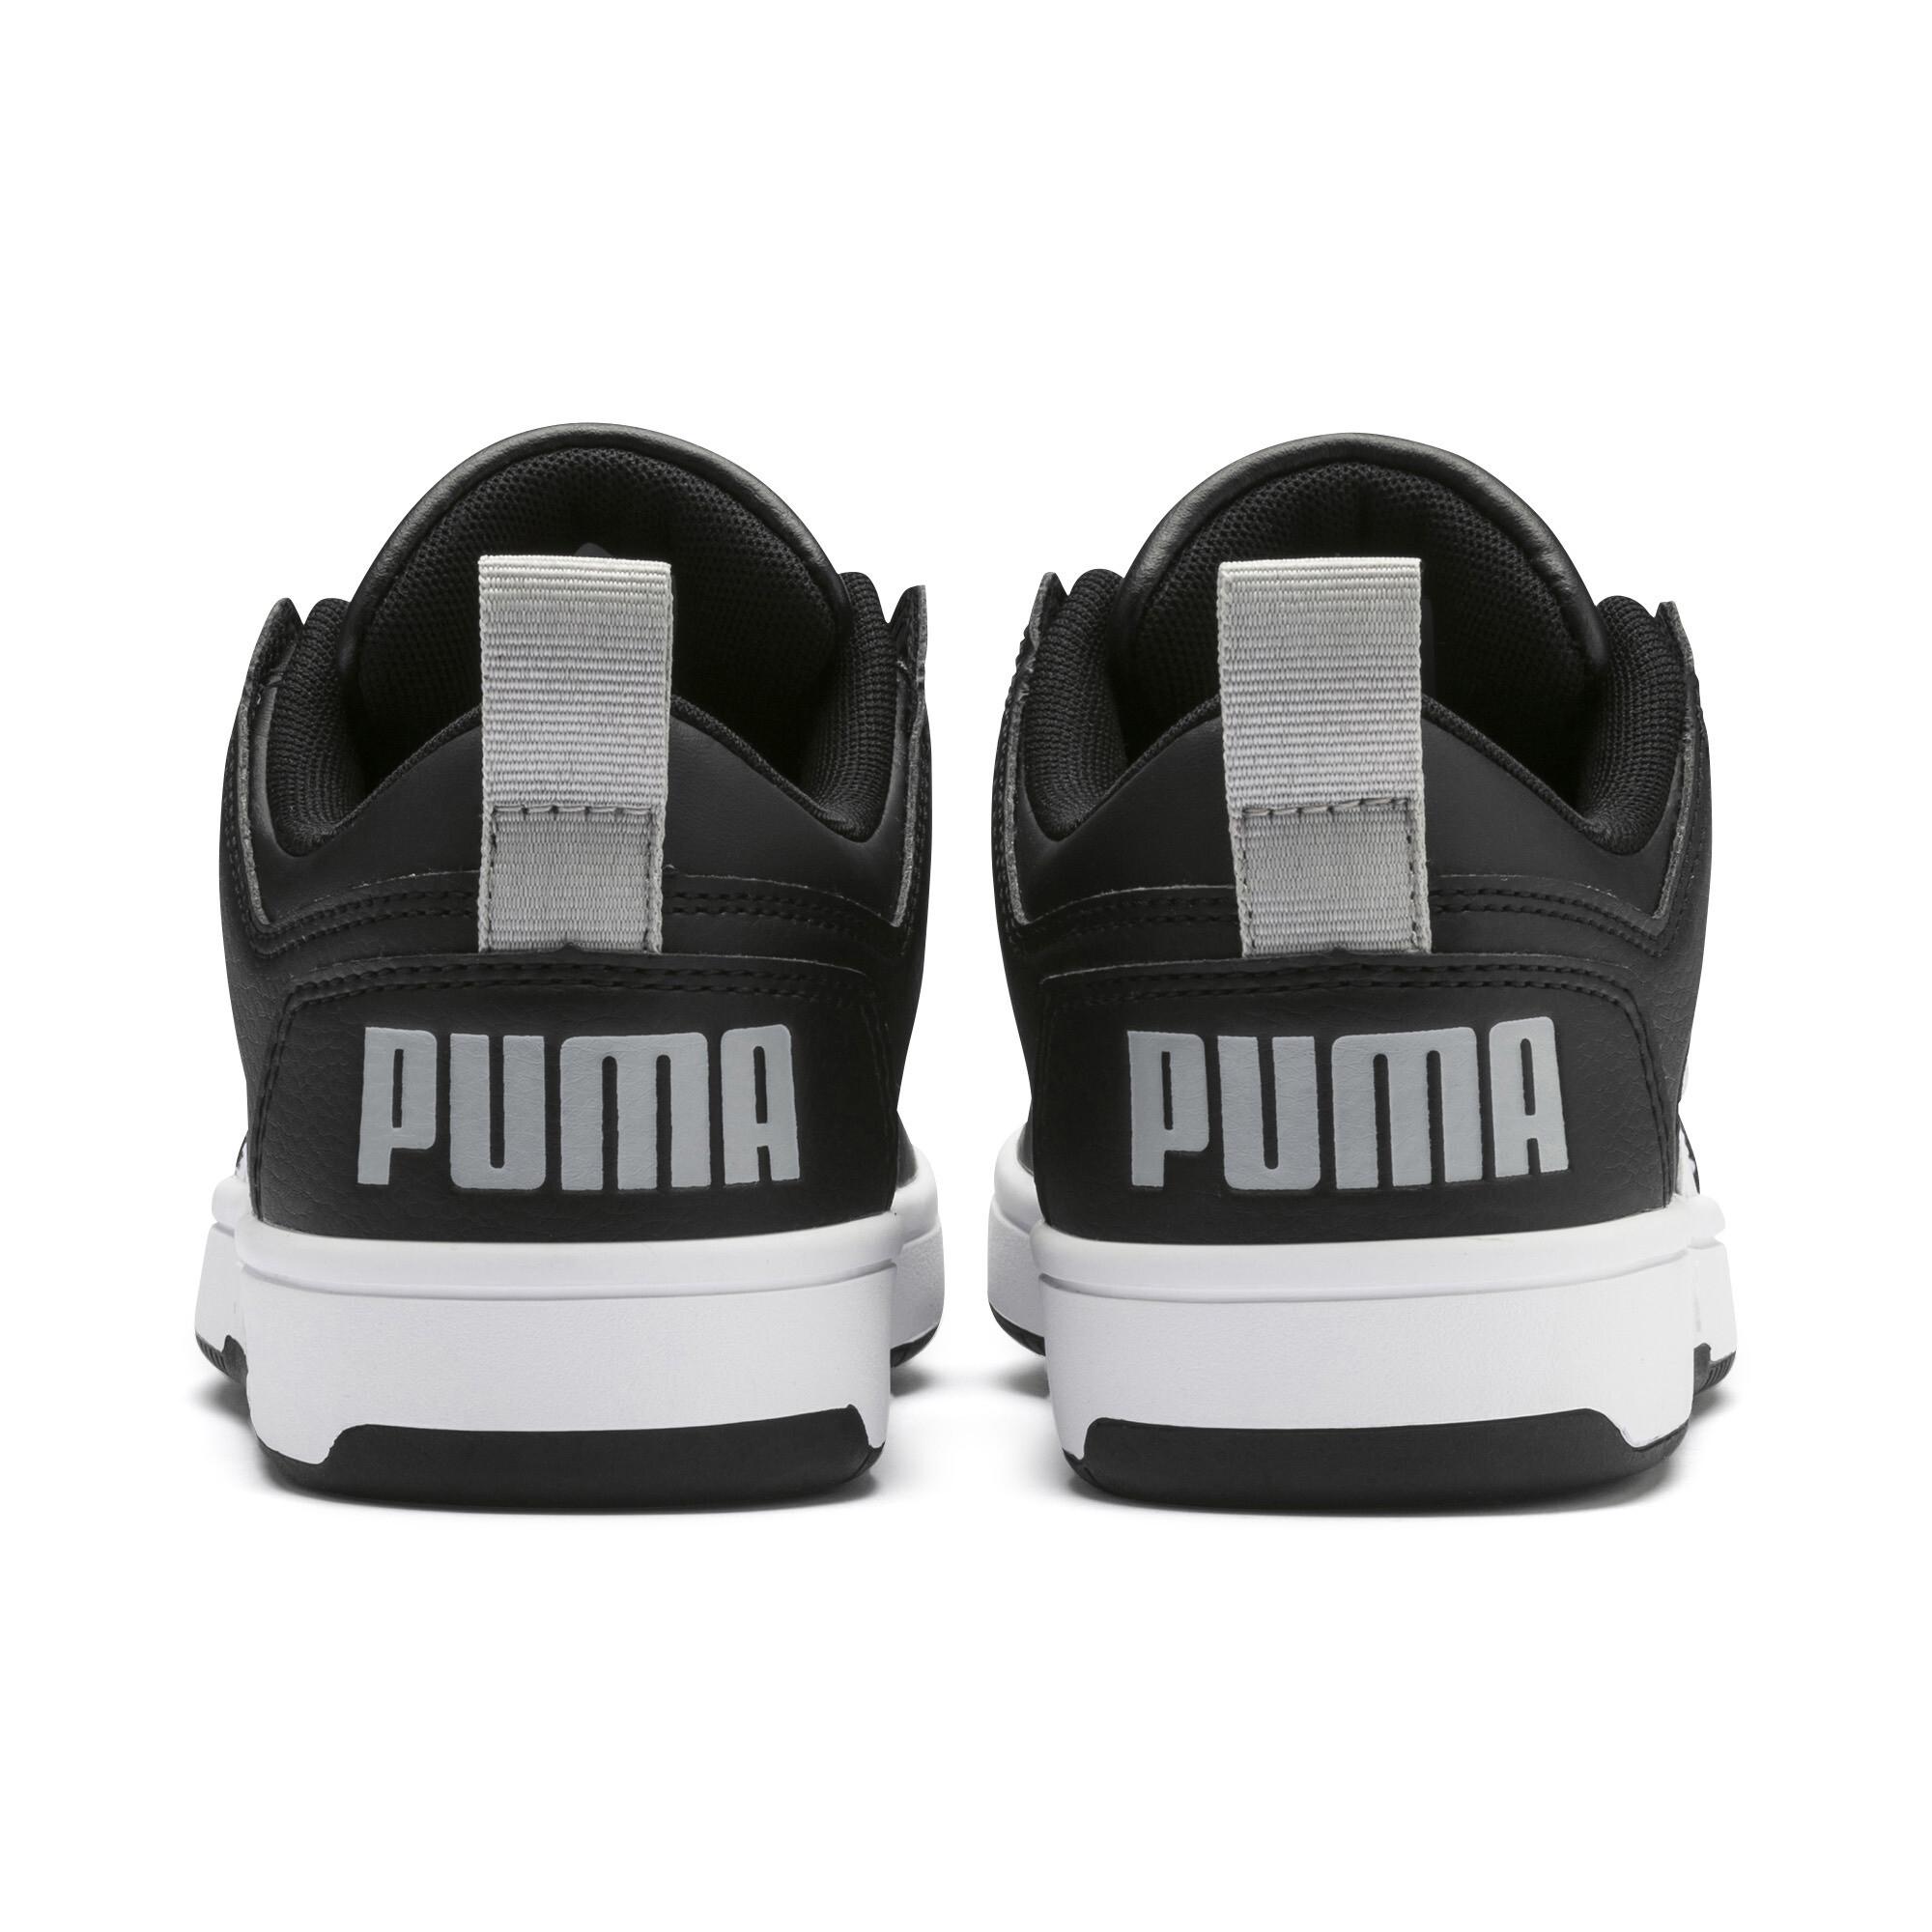 PUMA-PUMA-Rebound-LayUp-Lo-Sneakers-JR-Boys-Shoe-Kids thumbnail 15